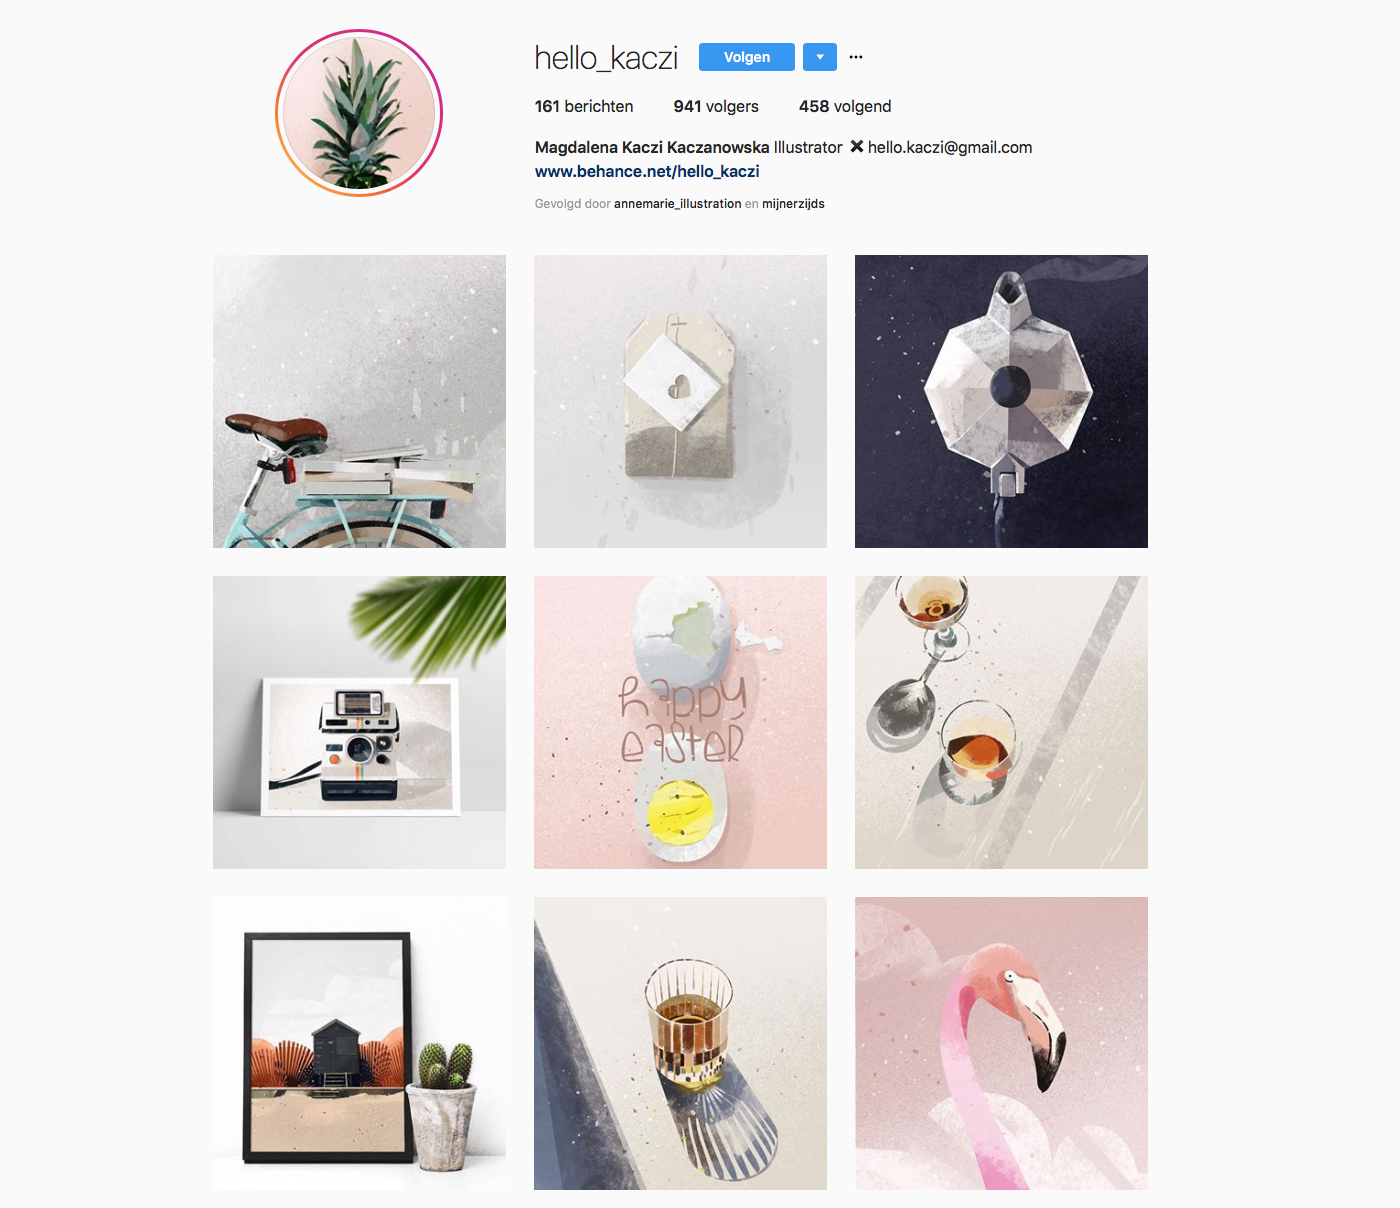 instagram account of Hello_Kaczi